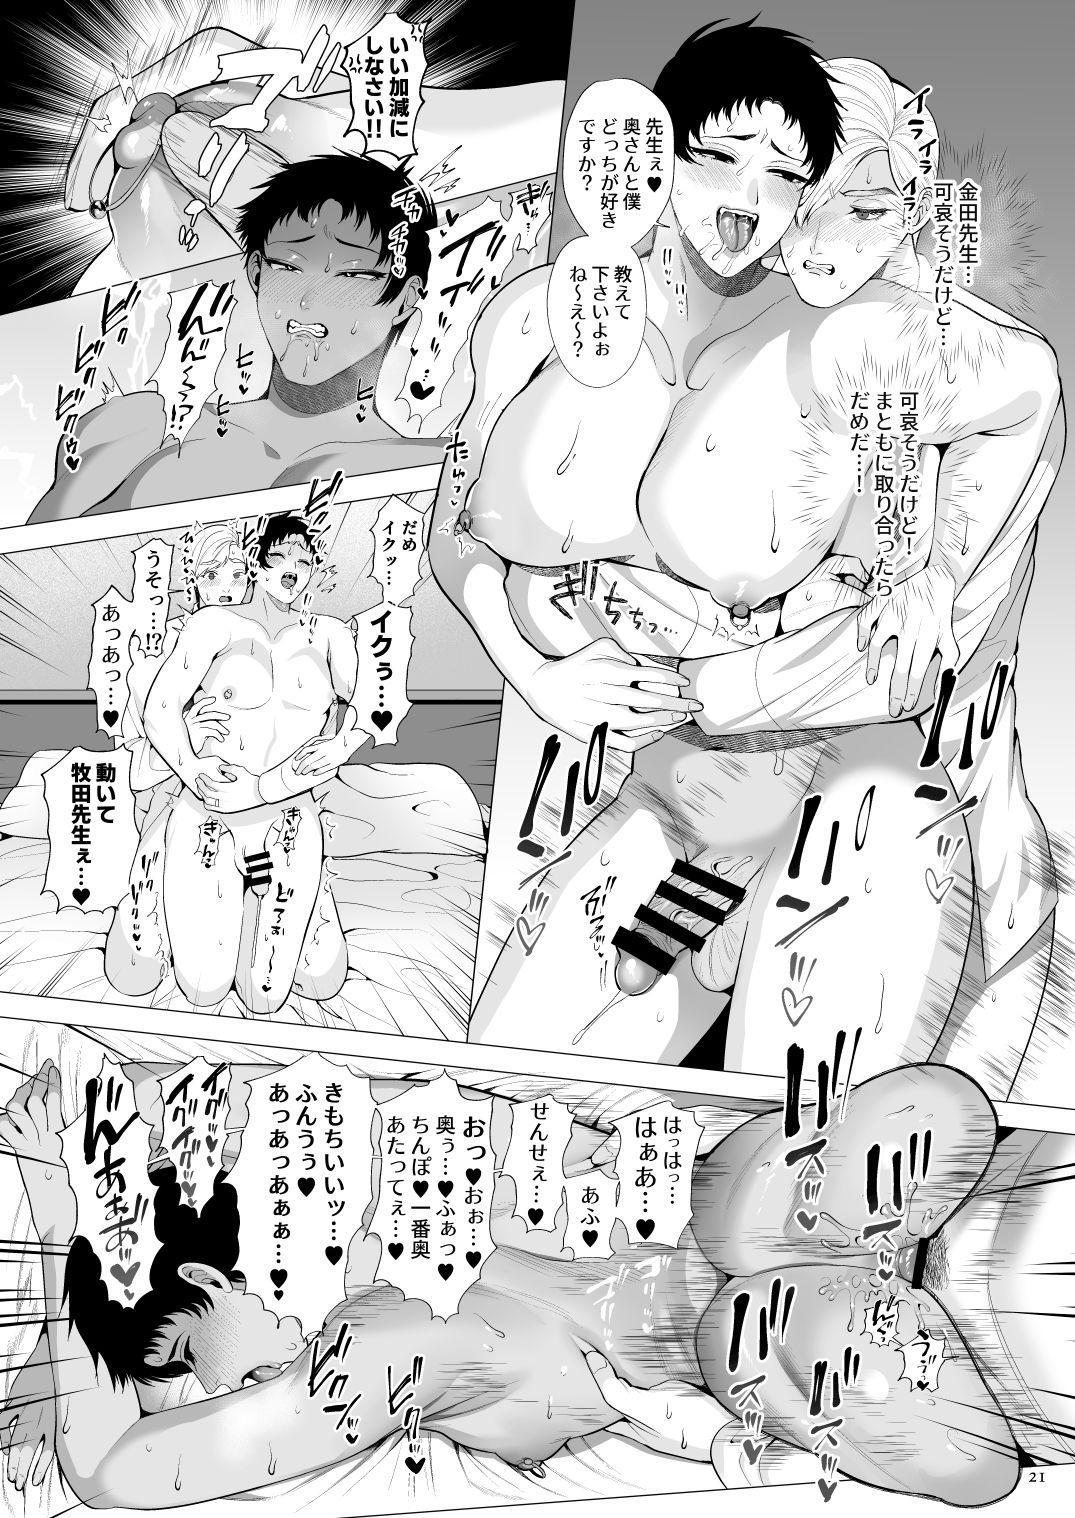 Kyozou no Sugata wa Chichi ni Nite iru 19